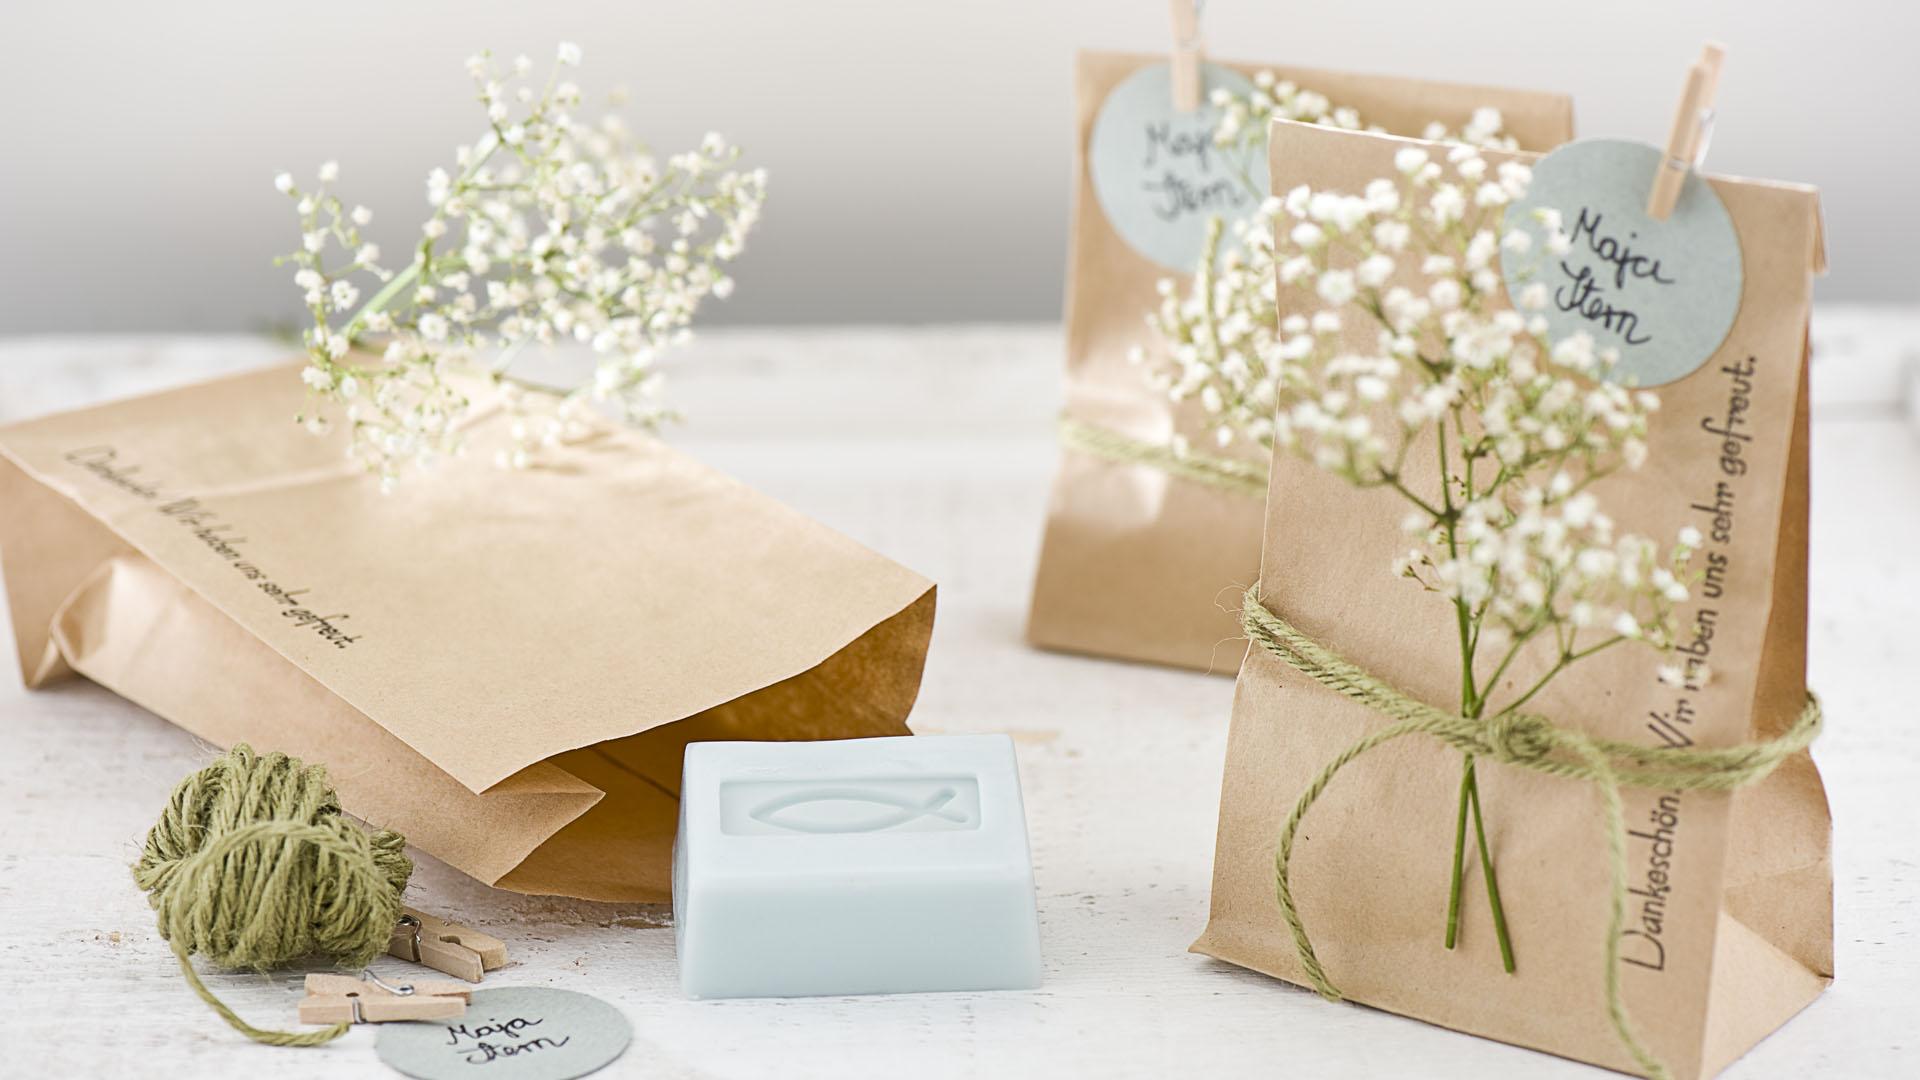 Ideen für Kommunion und Konfirmation: Danke in Tüten | Seifenstücke natürlich verpackt